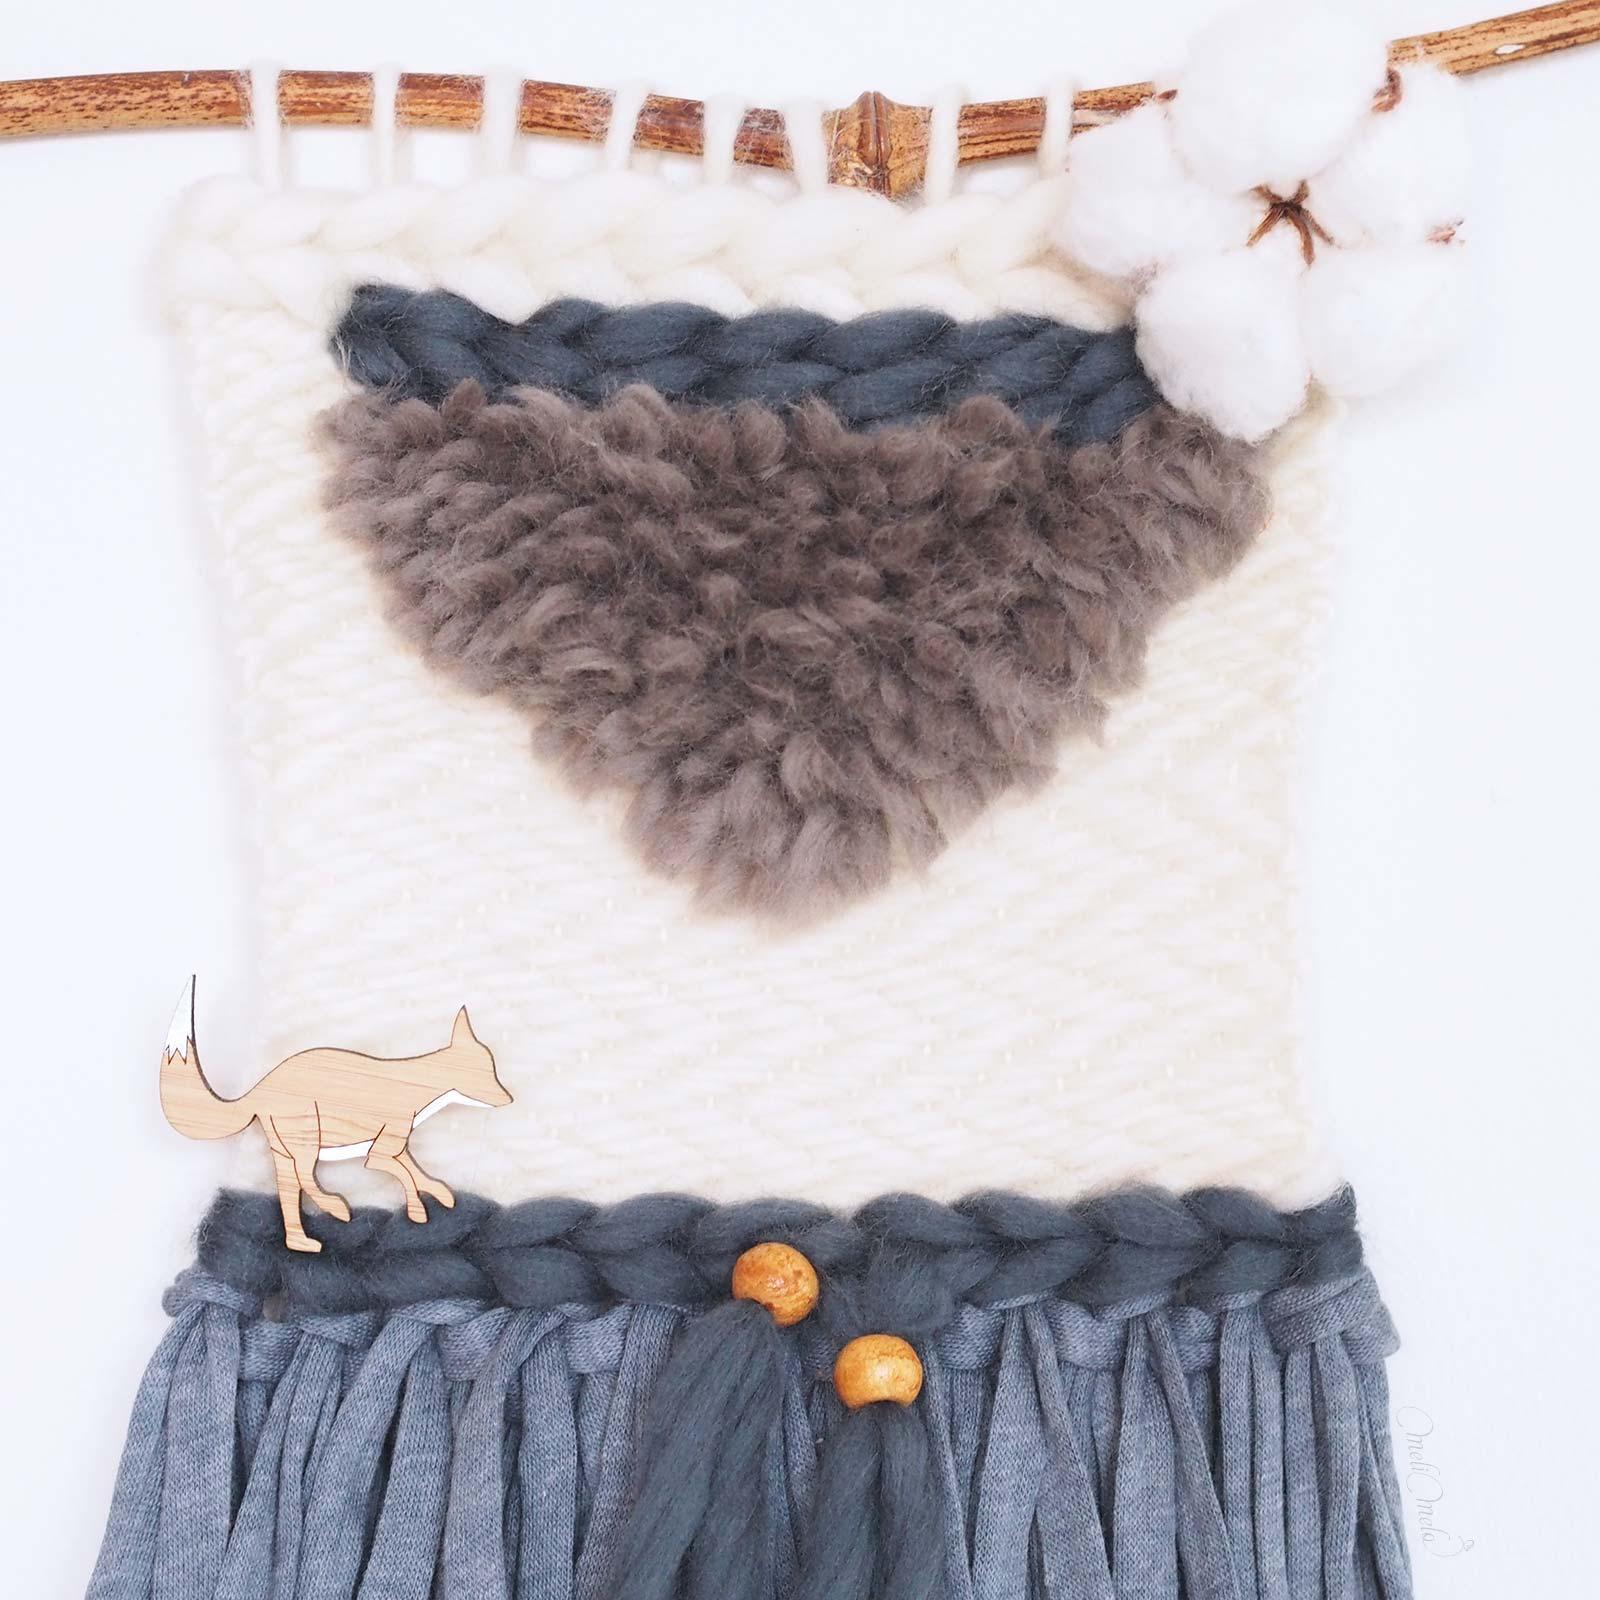 tissage laine Renard Fleur de coton qutuun blue bambou laboutiquedemelimelo